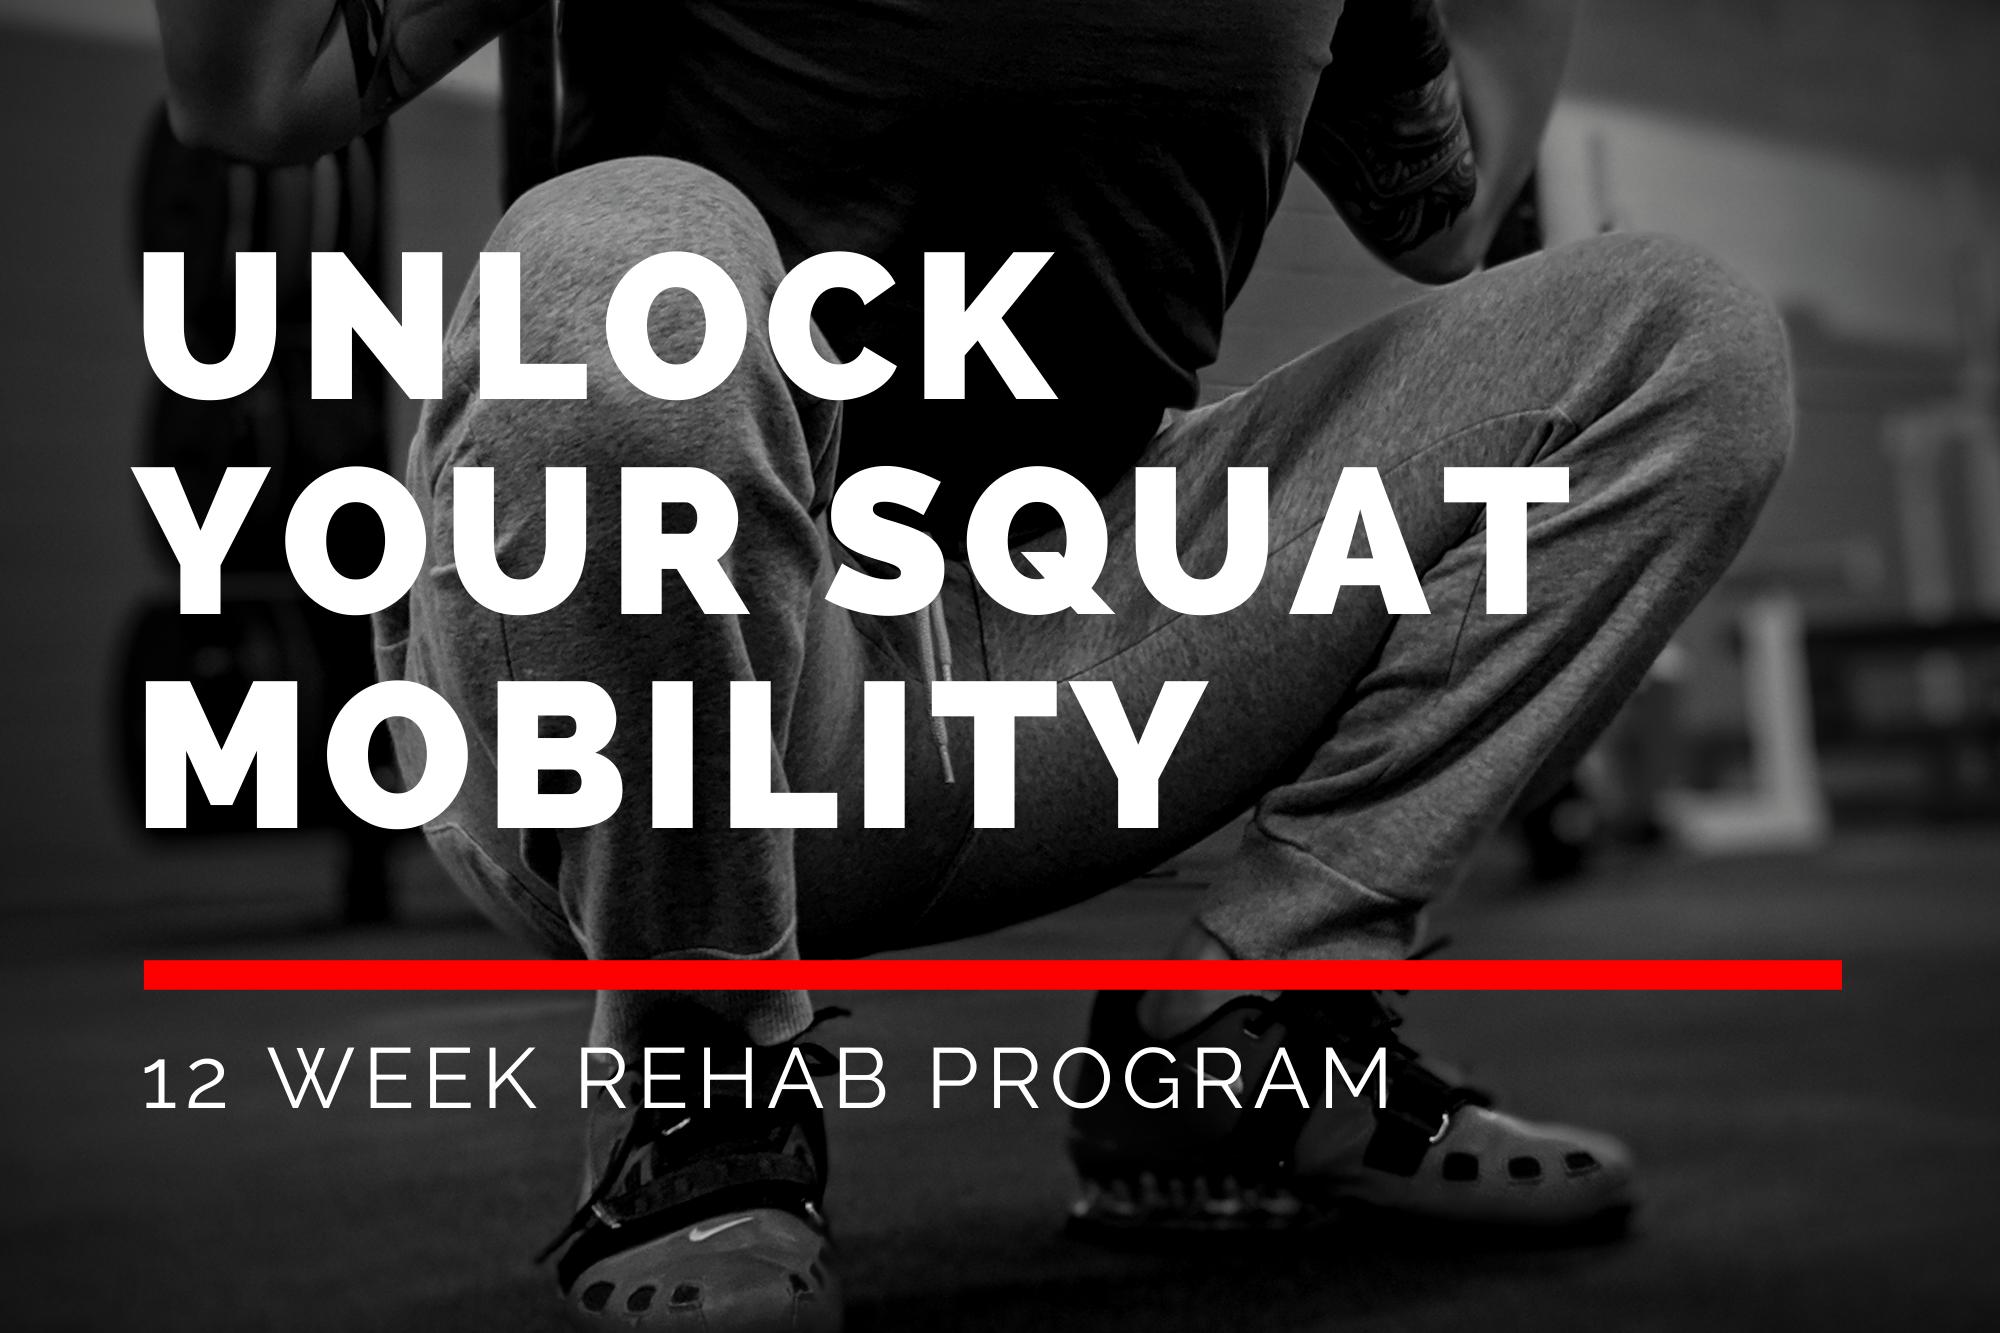 Unlock your Squat Mobility